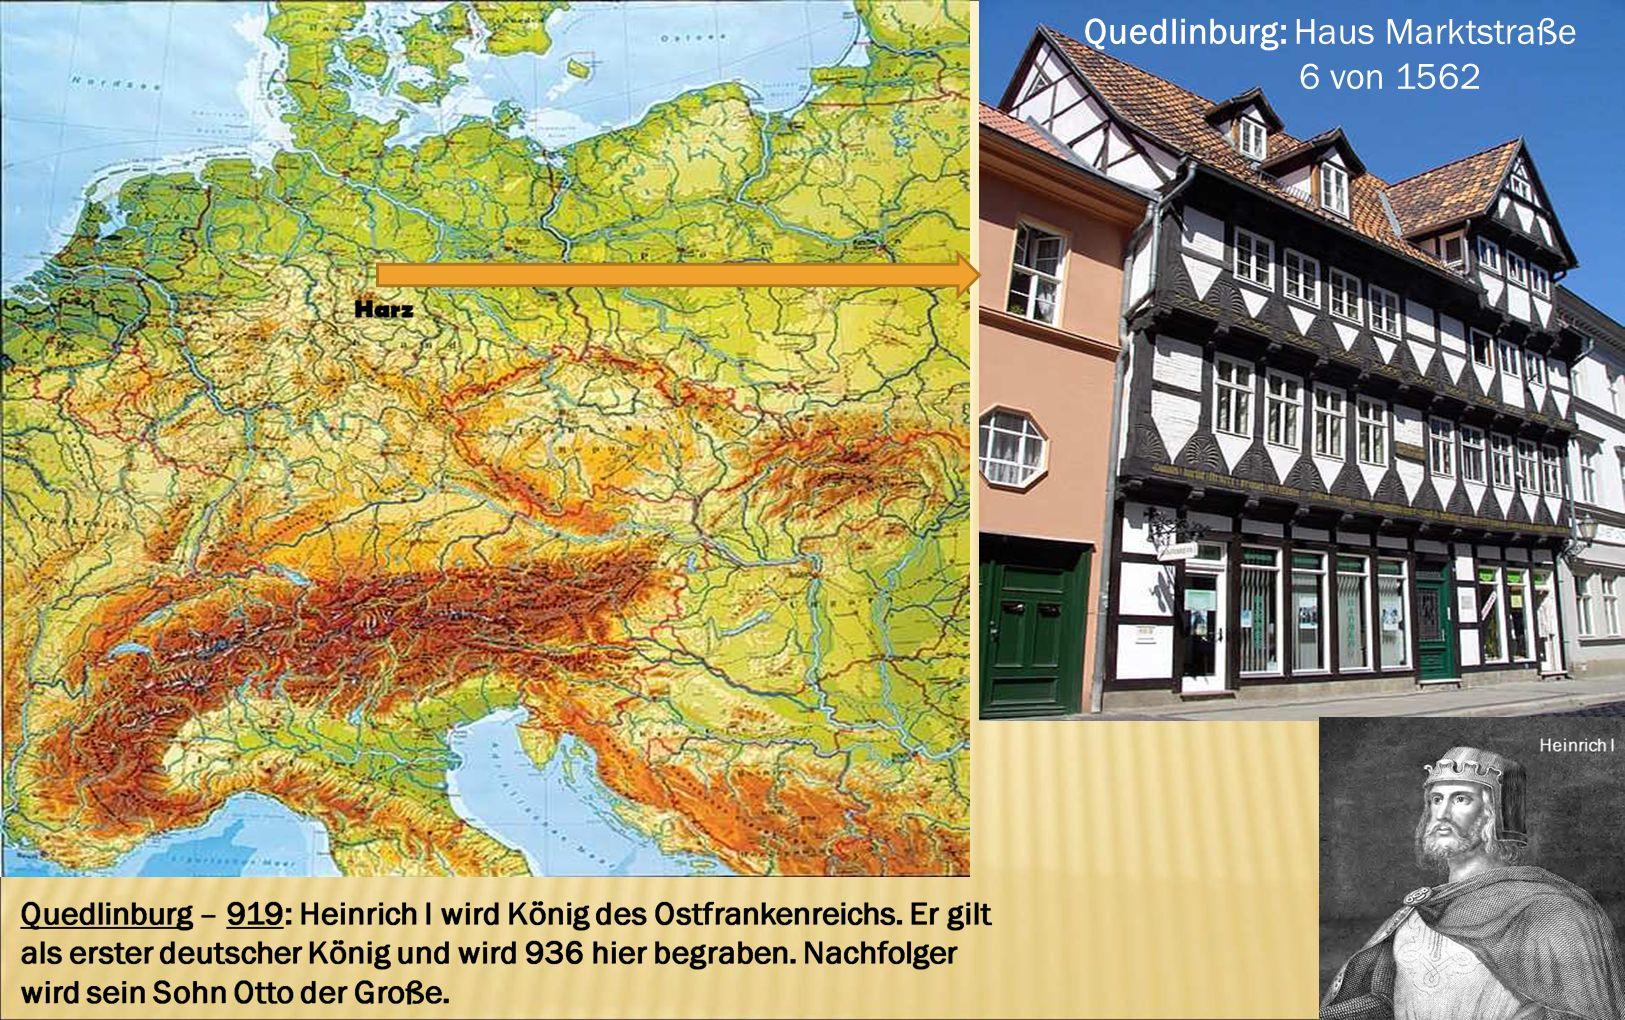 Quedlinburg: Haus Marktstraße 6 von 1562